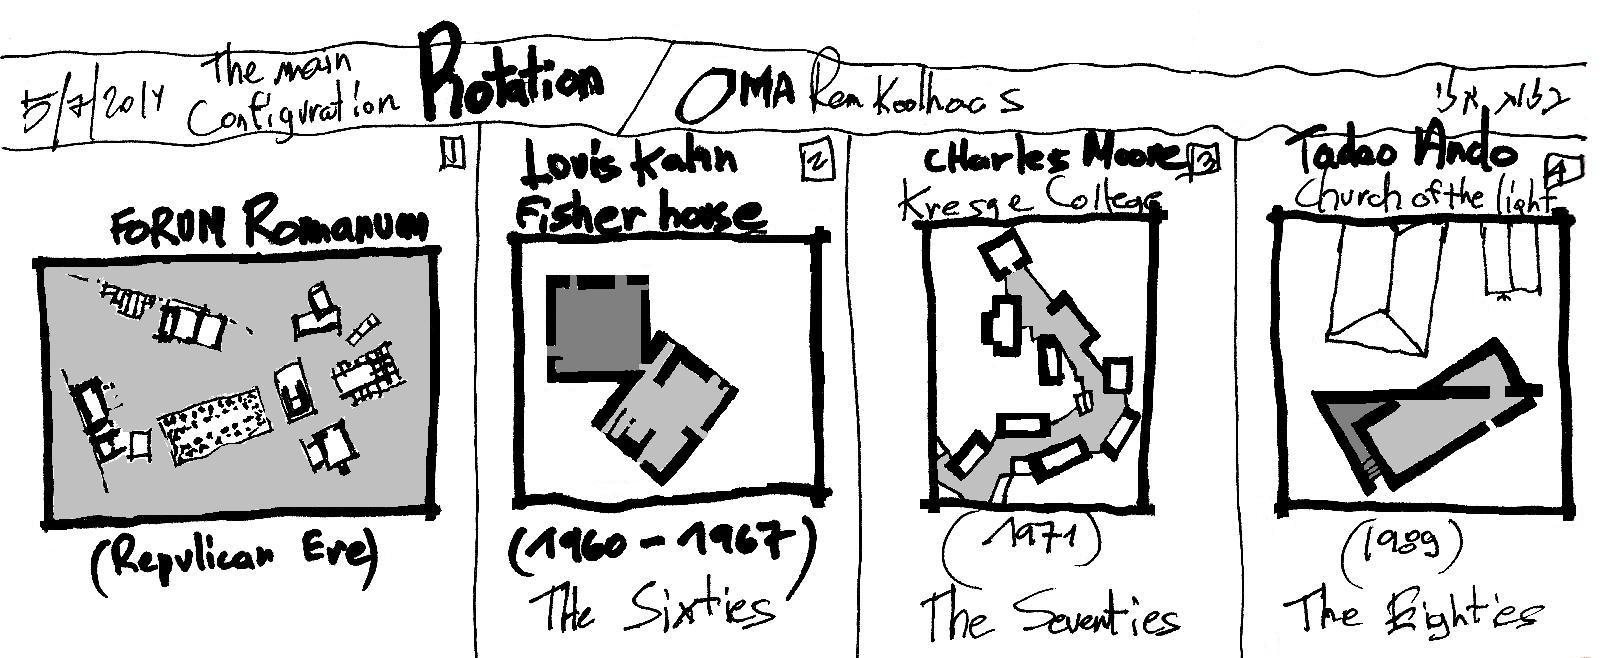 Charles Moore Drawings Eliinbar's Sketches 2014 – The